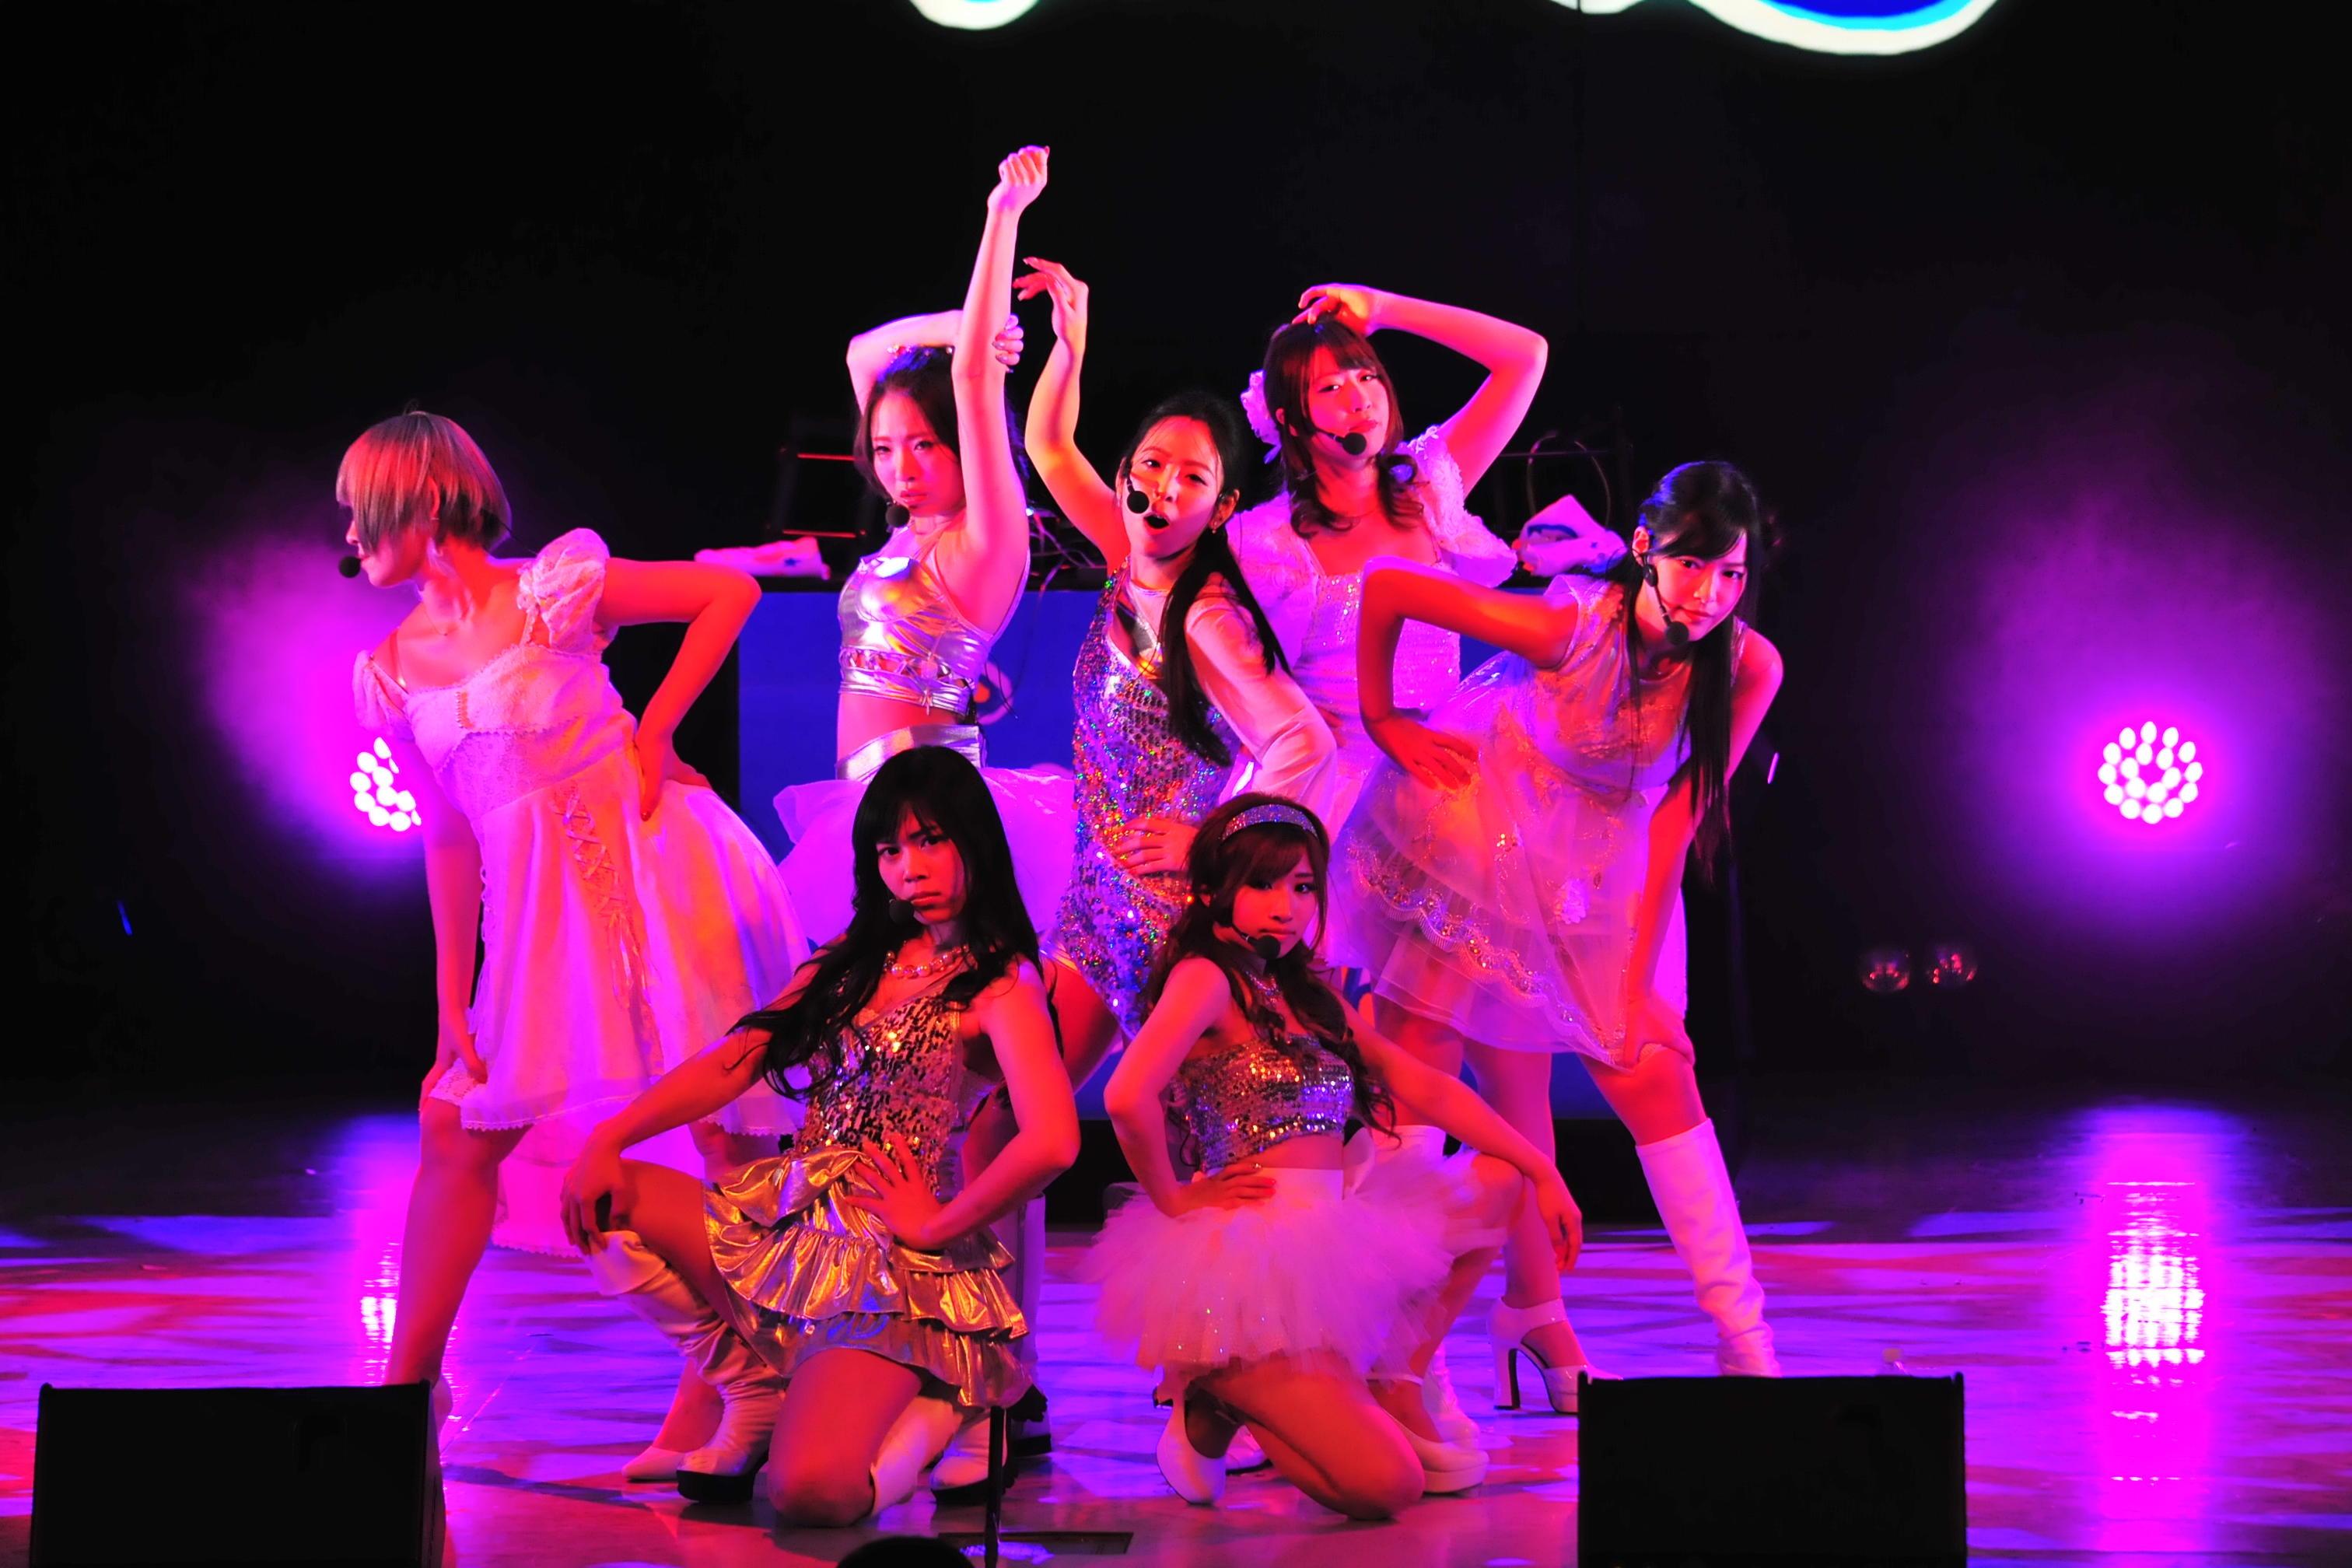 http://news.yoshimoto.co.jp/20151231145541-70ad4951597192fb7b0132b545d280087093407a.jpg